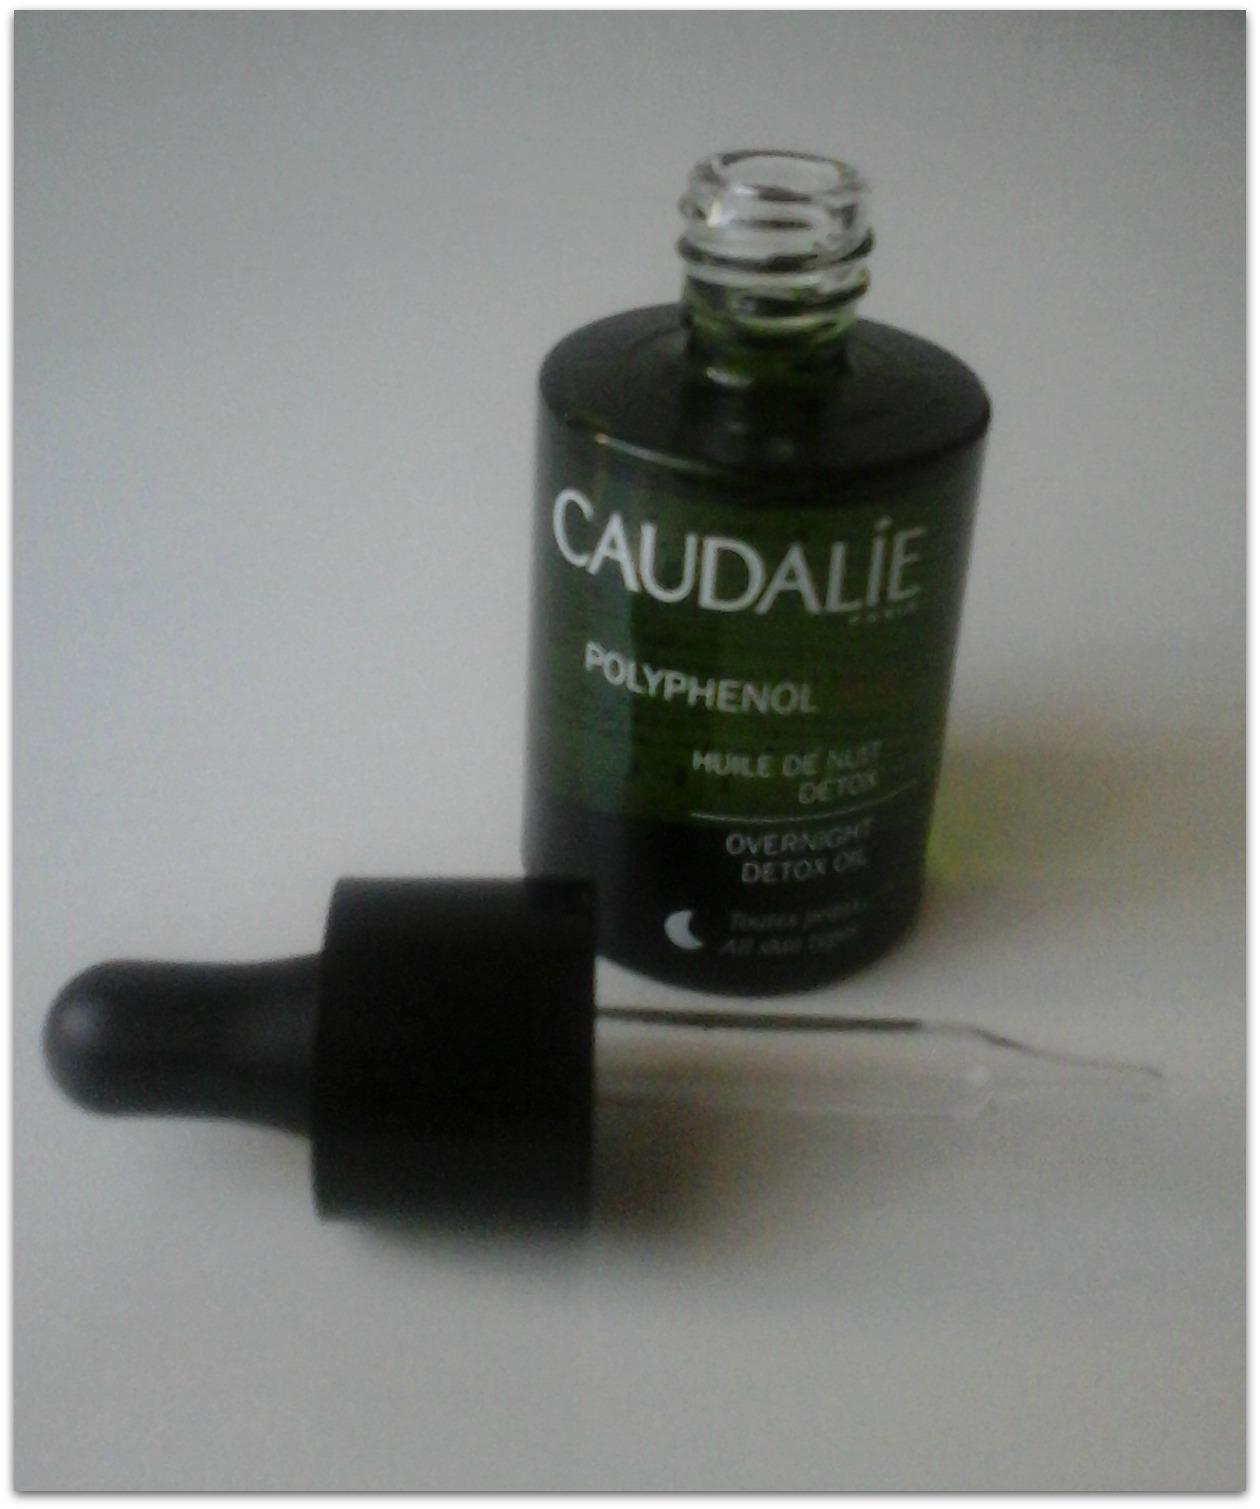 Aceite de noche detox de Caudalíe, en lookfantastic.es